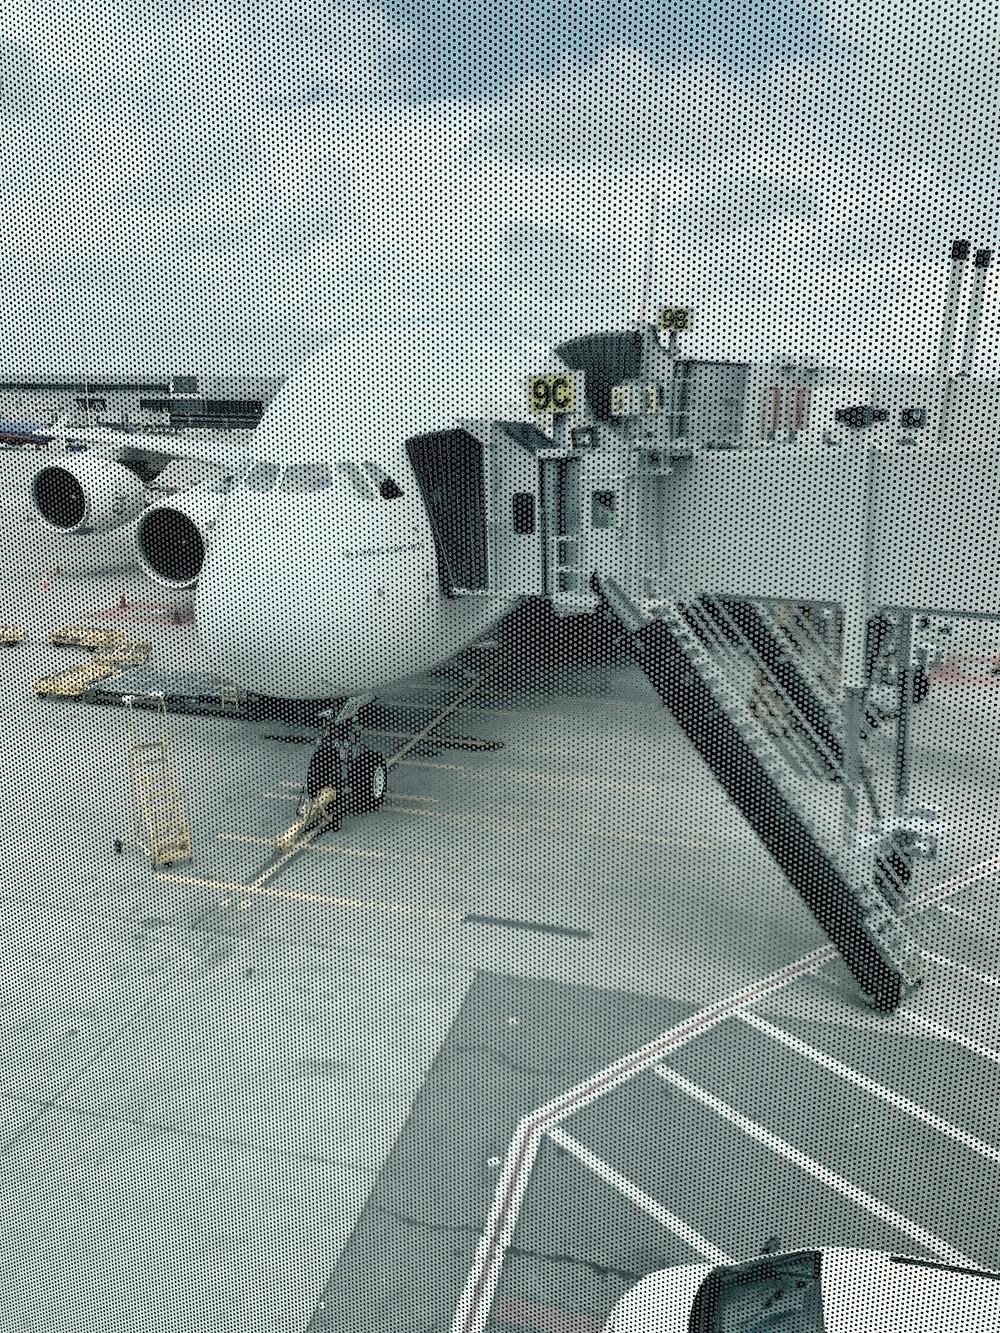 Emirates First Class San Francisco - Dubai, Flagship Airbus A380